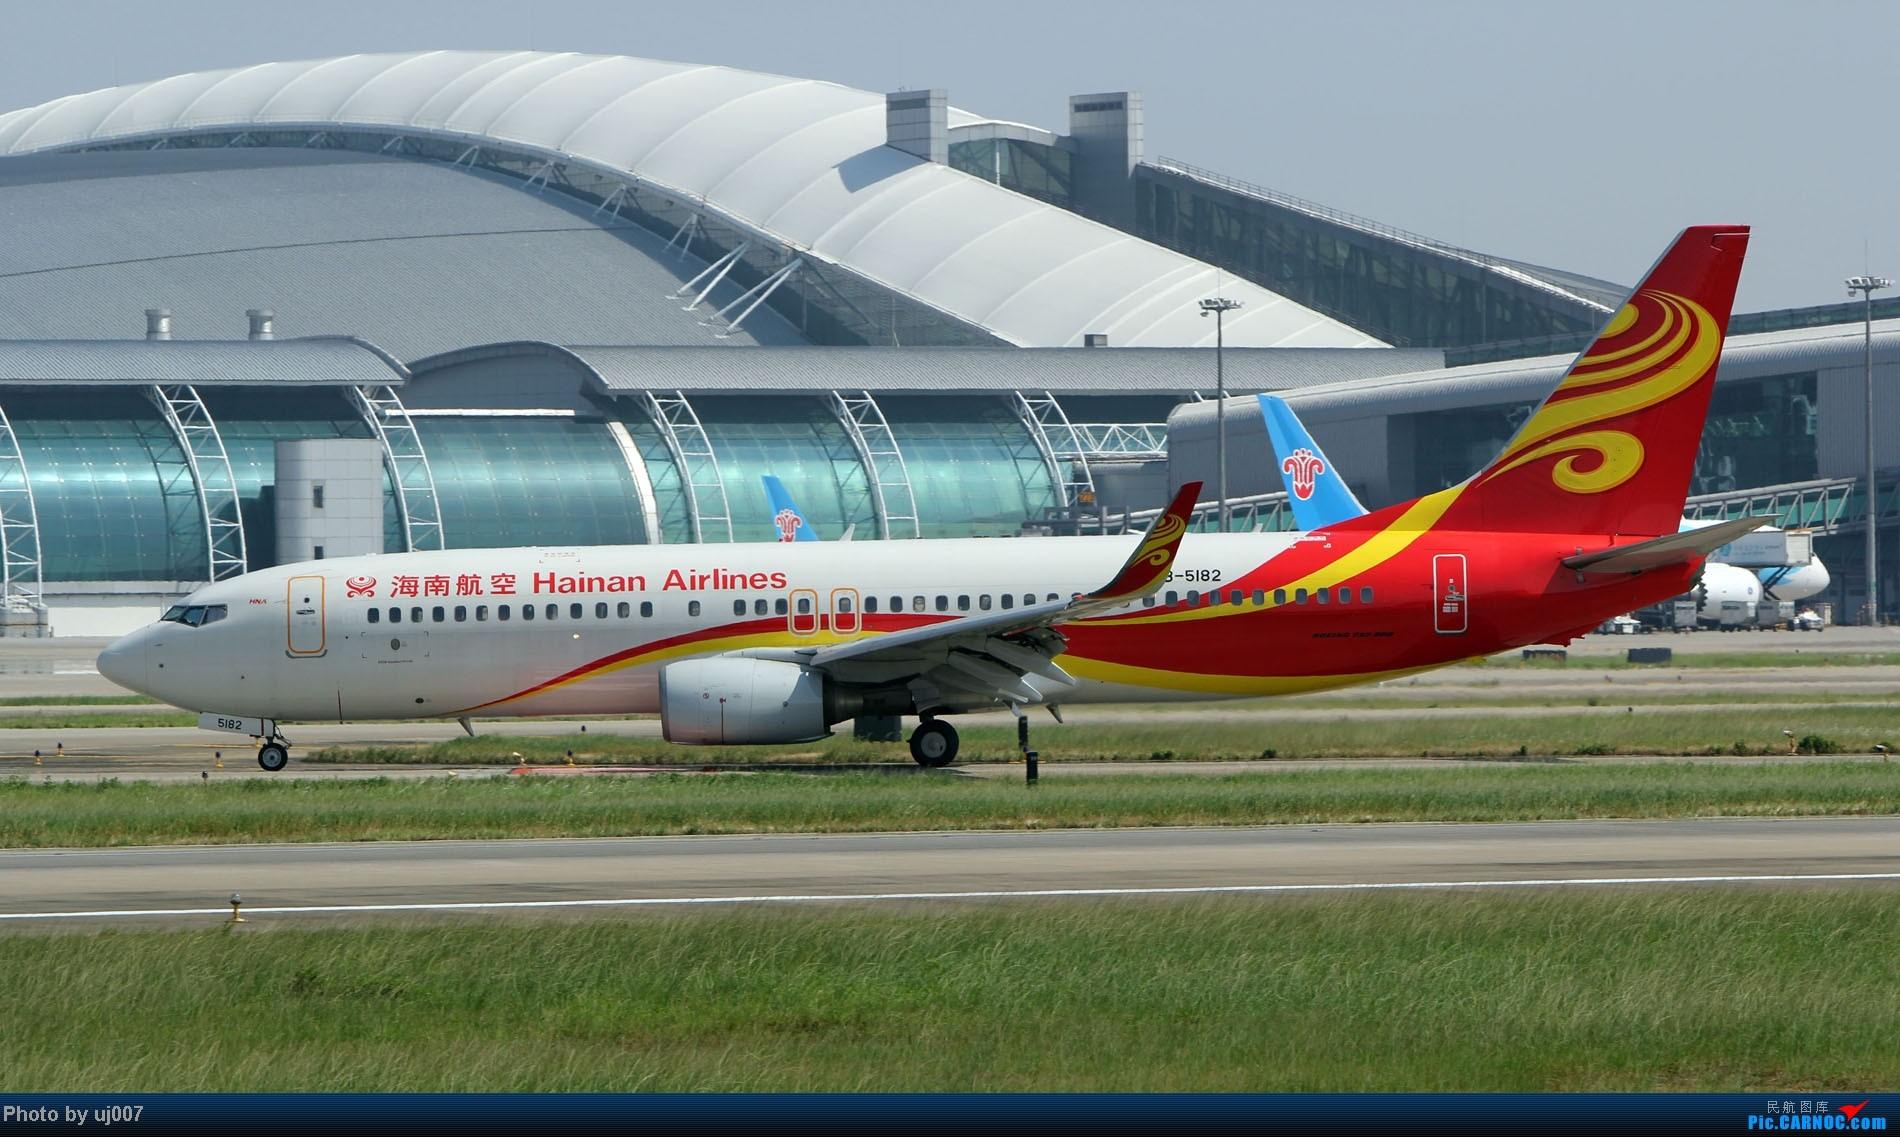 Re:[原创]10月2日白云拍机(大飞机,特别妆,外航,闪灯,擦烟)求指点. BOEING 737-800 B-5182 中国广州白云机场